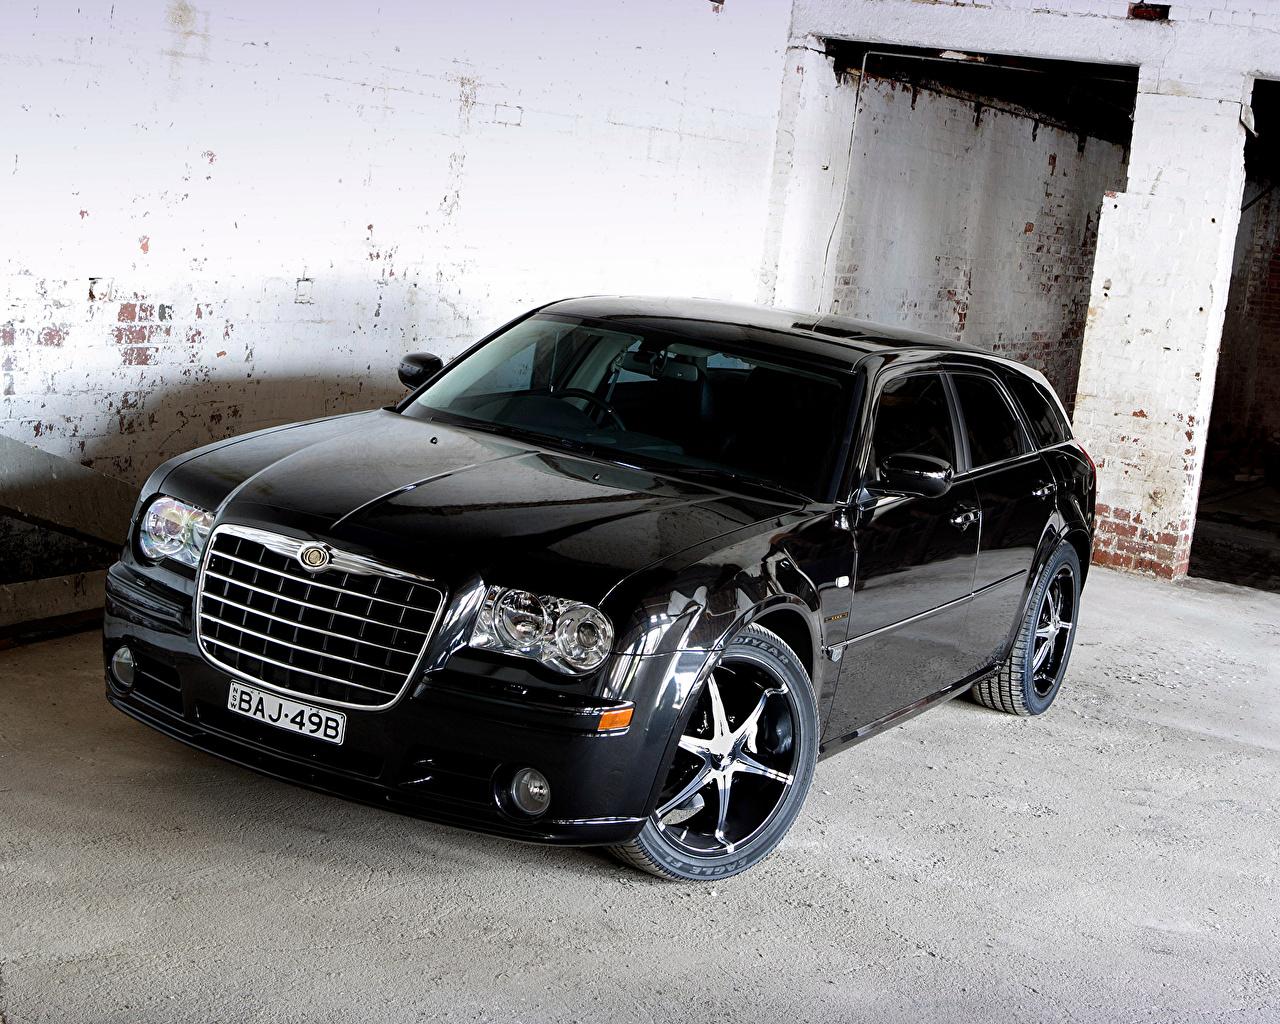 Фотографии Chrysler 2007 300C SRT8 E490 Touring Черный машины Металлик Крайслер черных черные черная авто машина автомобиль Автомобили